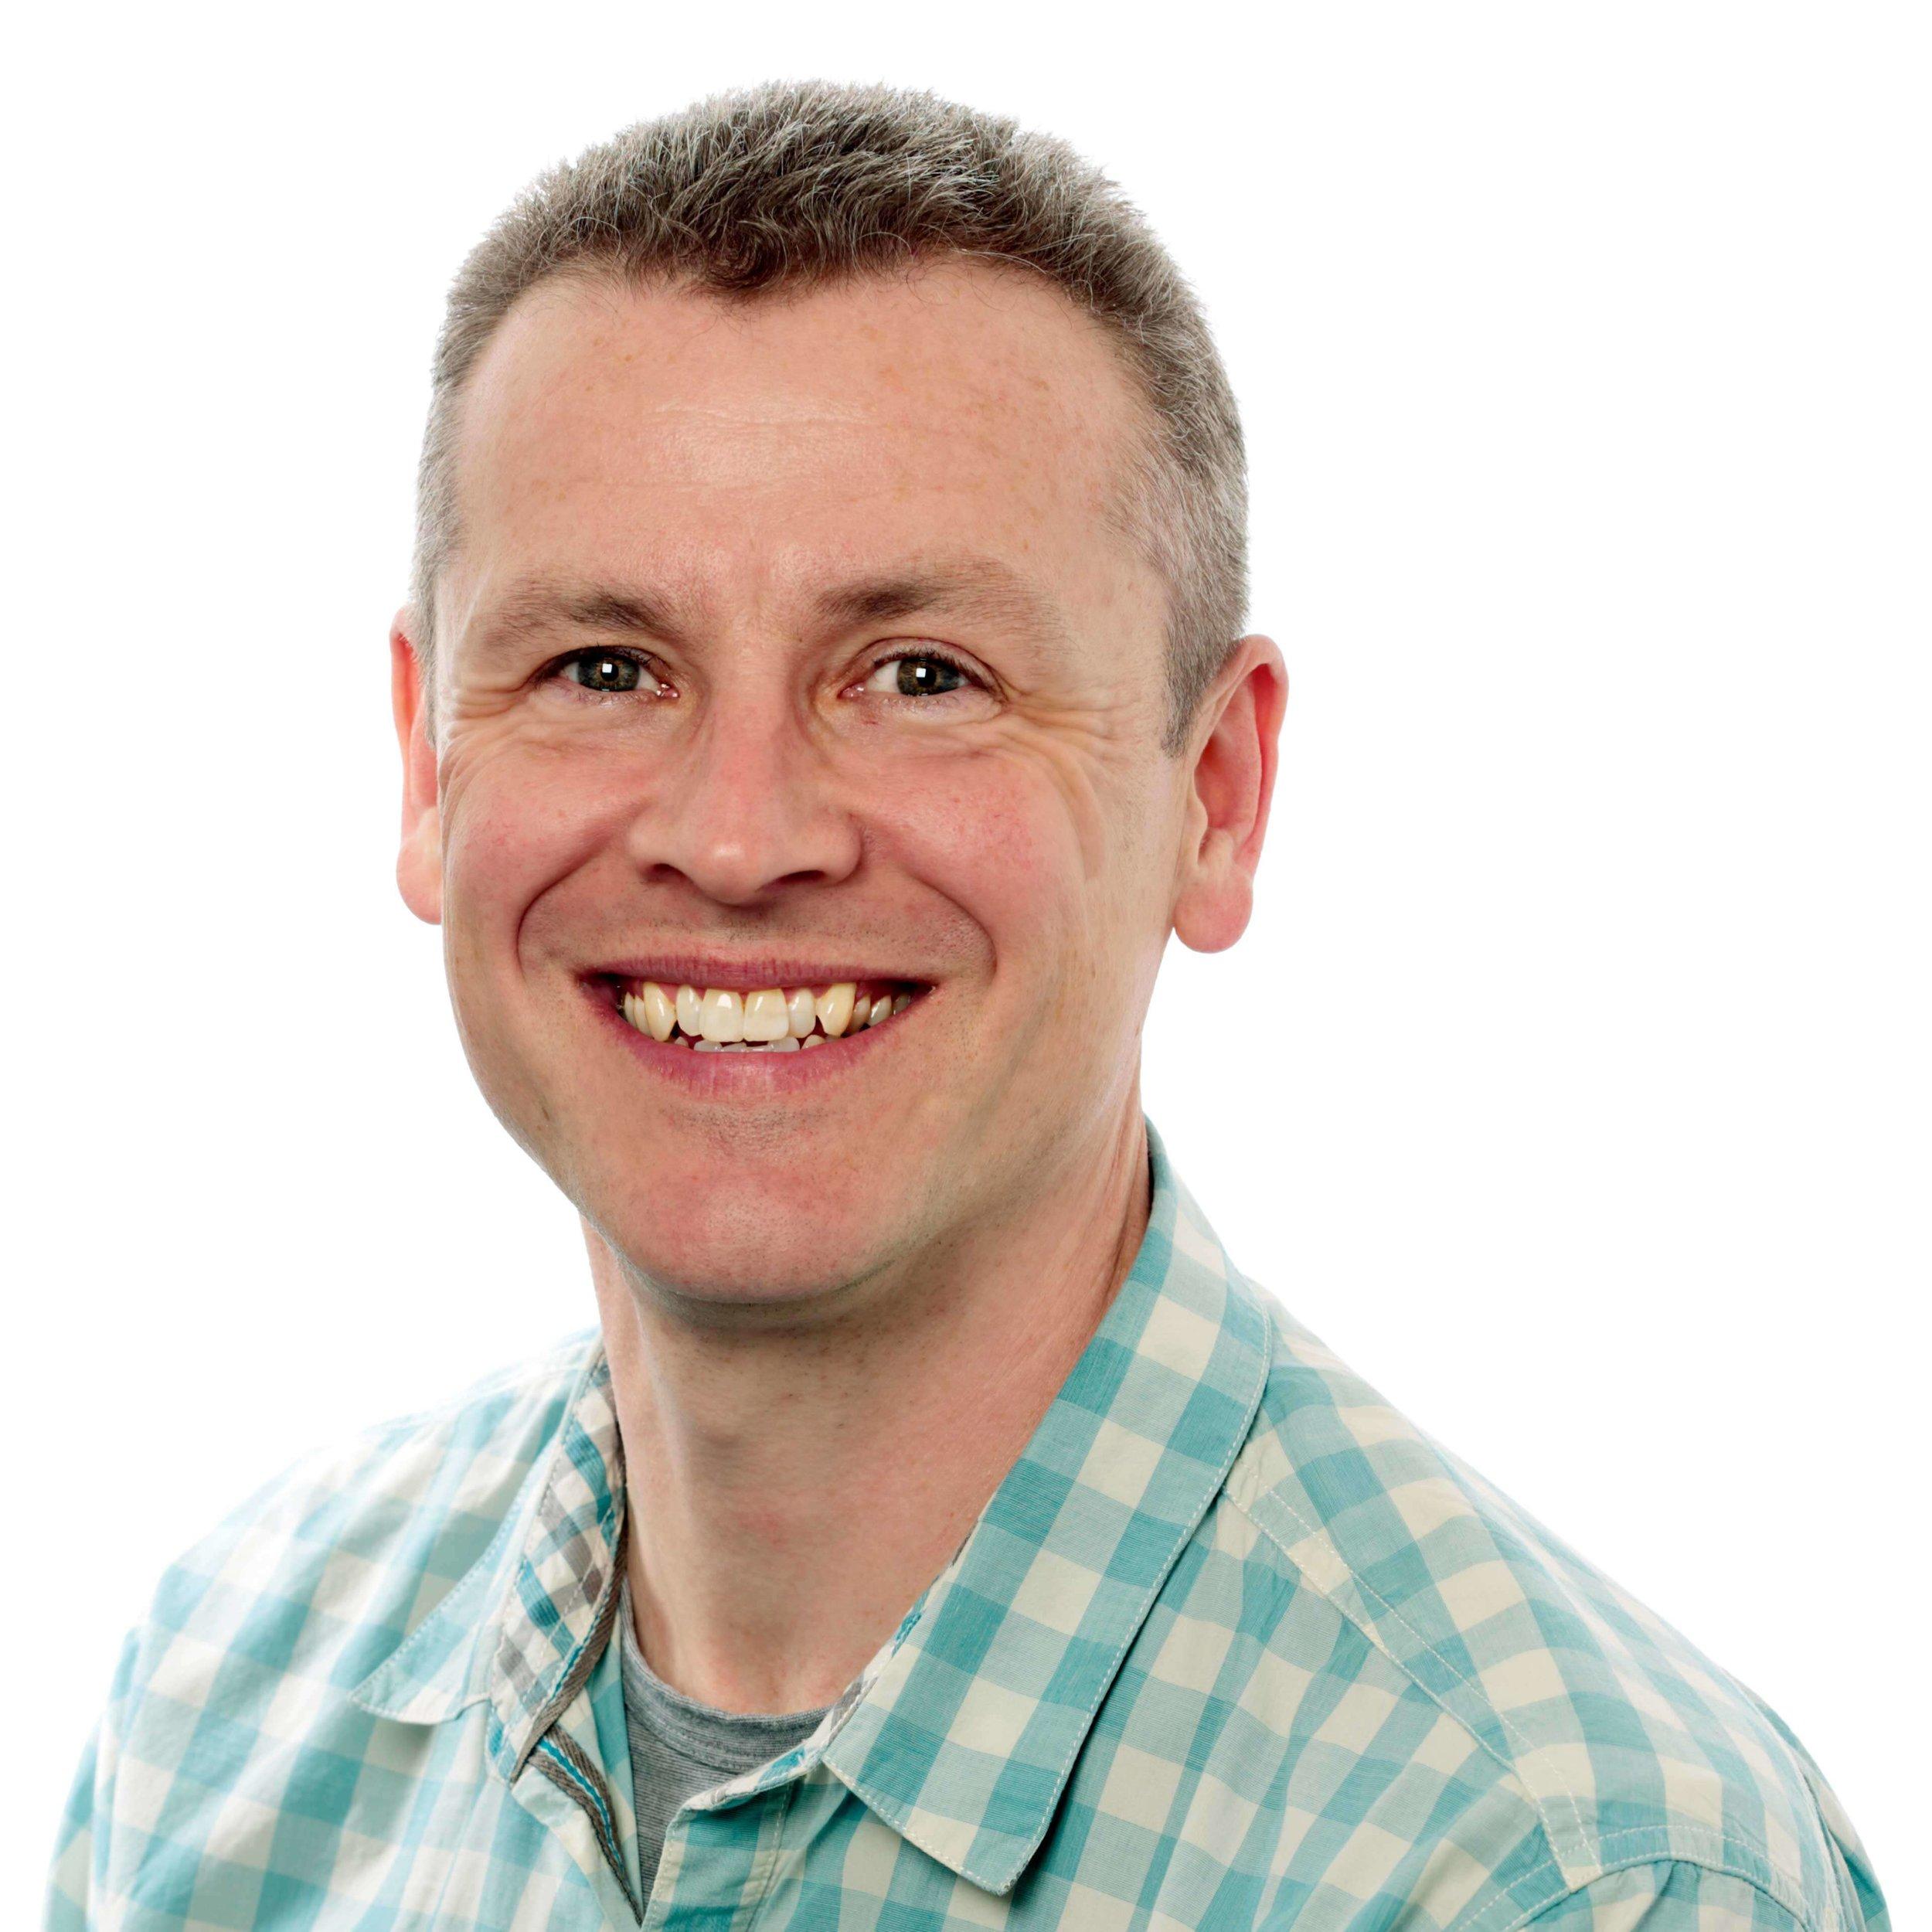 Darren Guiheen from DL Design and Print.